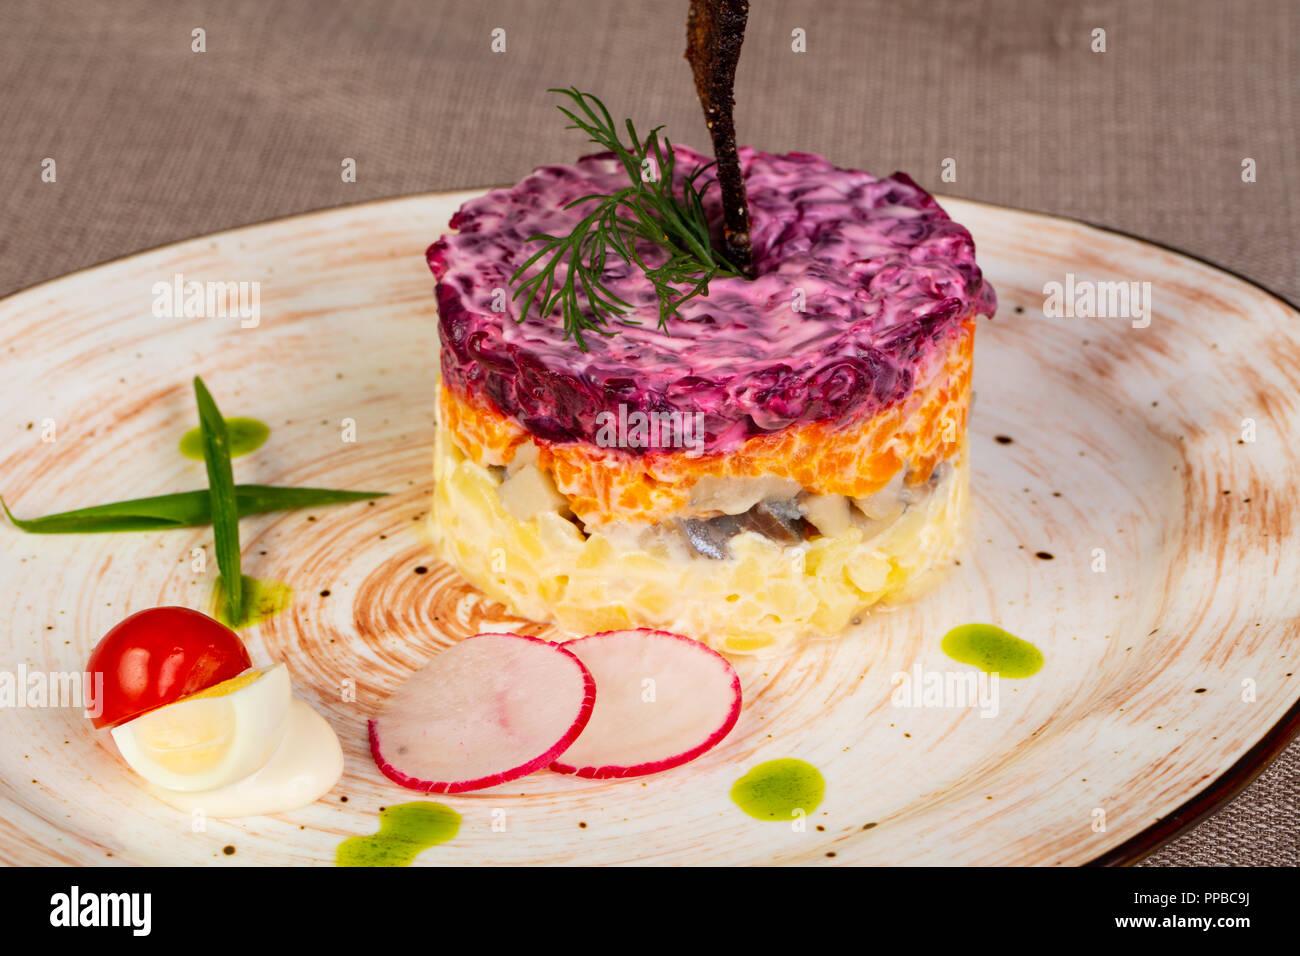 Russische Heringssalat Mit Roter Bete Stockfoto Bild 220297998 Alamy